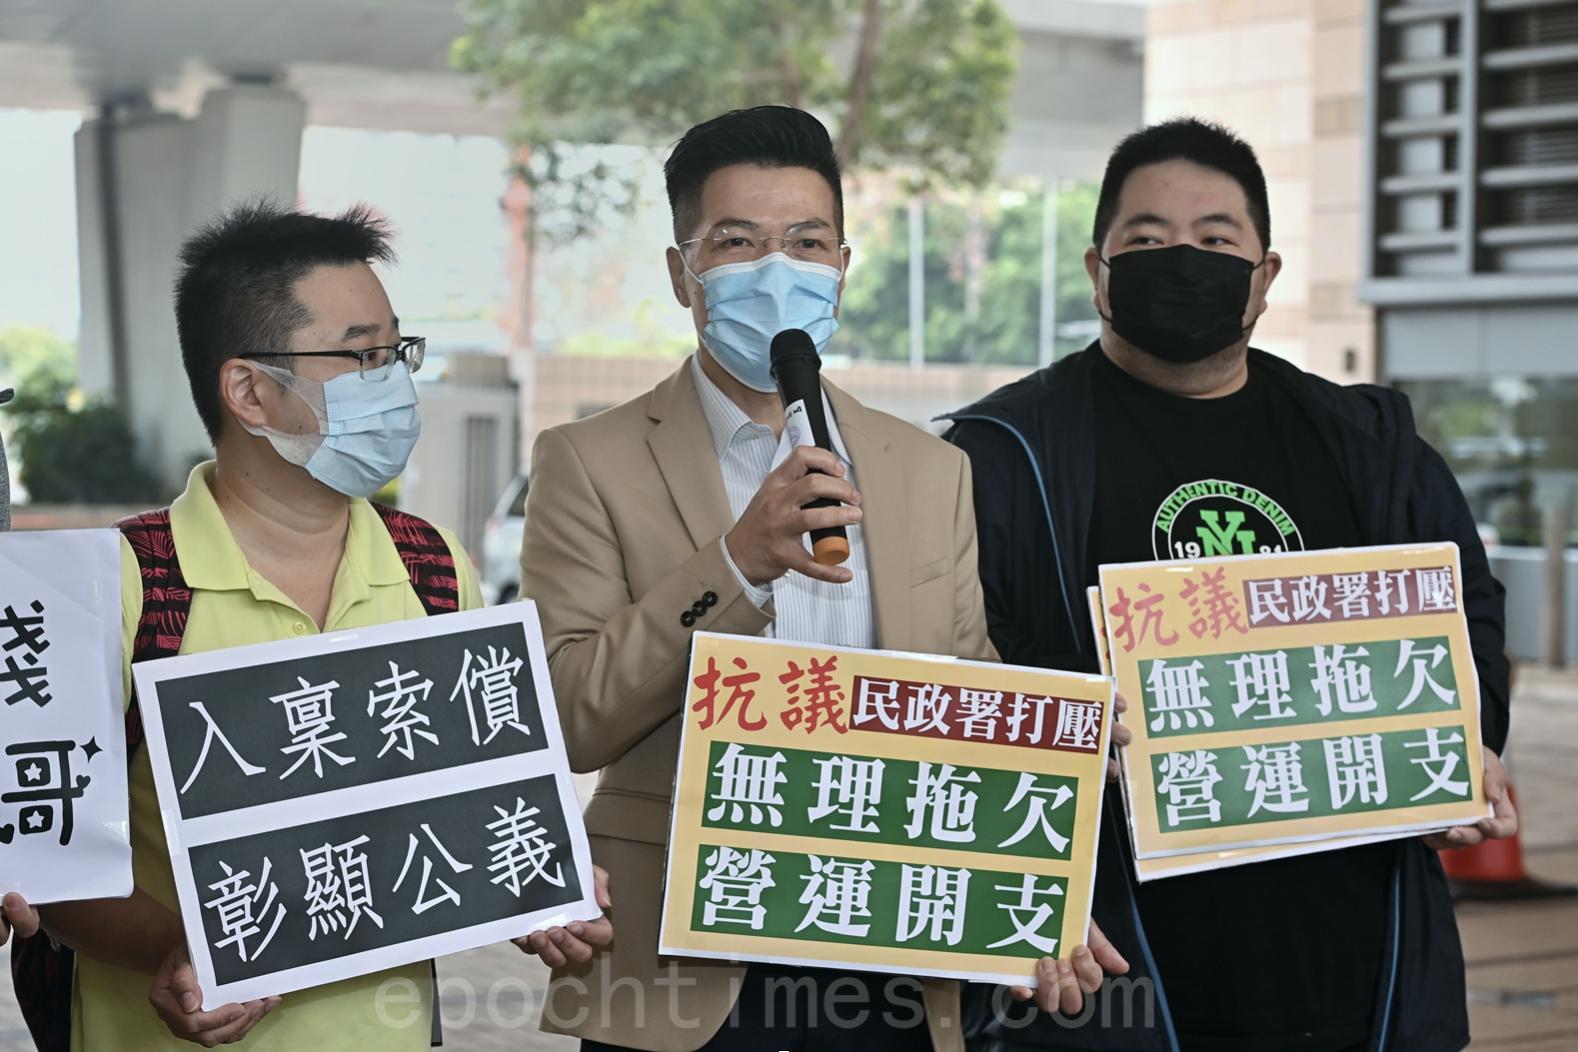 西貢區議員范國威與多名泛民區議員到西九龍裁判法院聲援,抗議民政署打壓。(宋碧龍/大紀元)